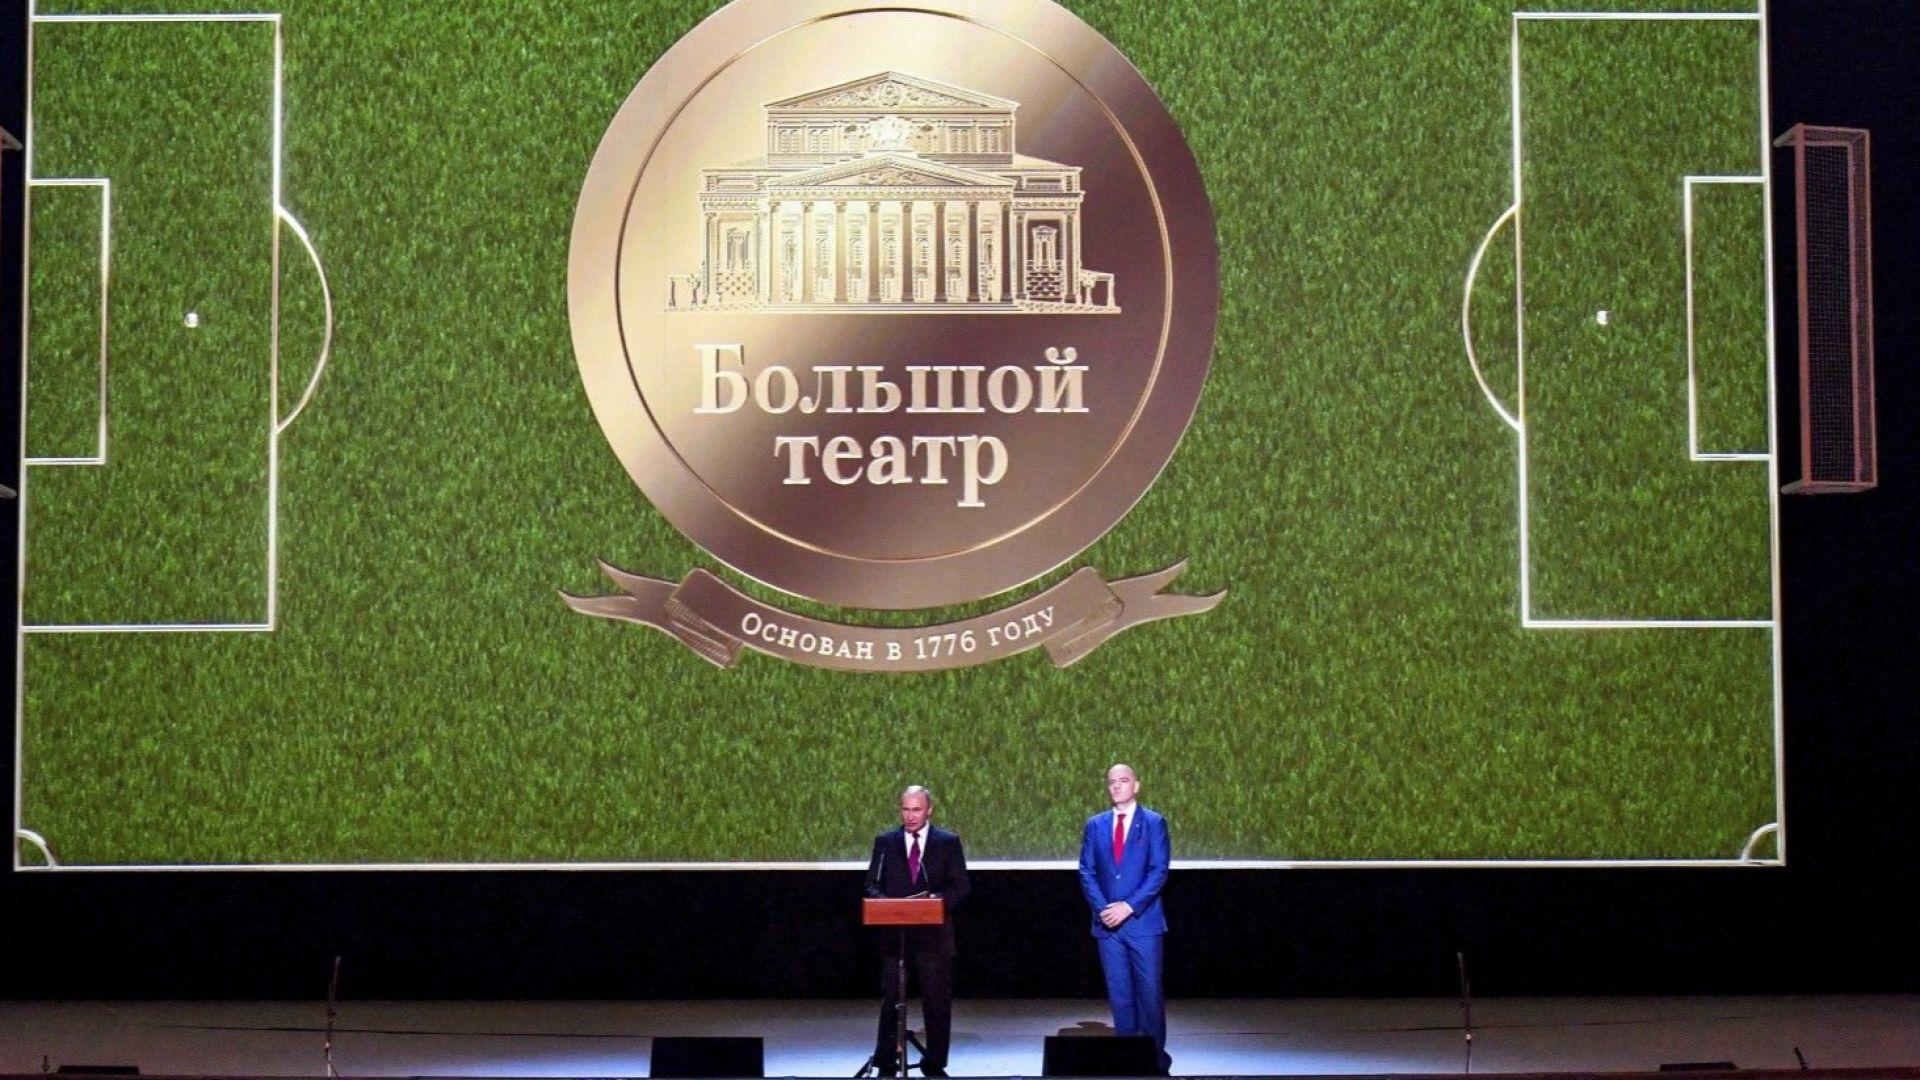 Световното разруши антируските митове, заяви Путин